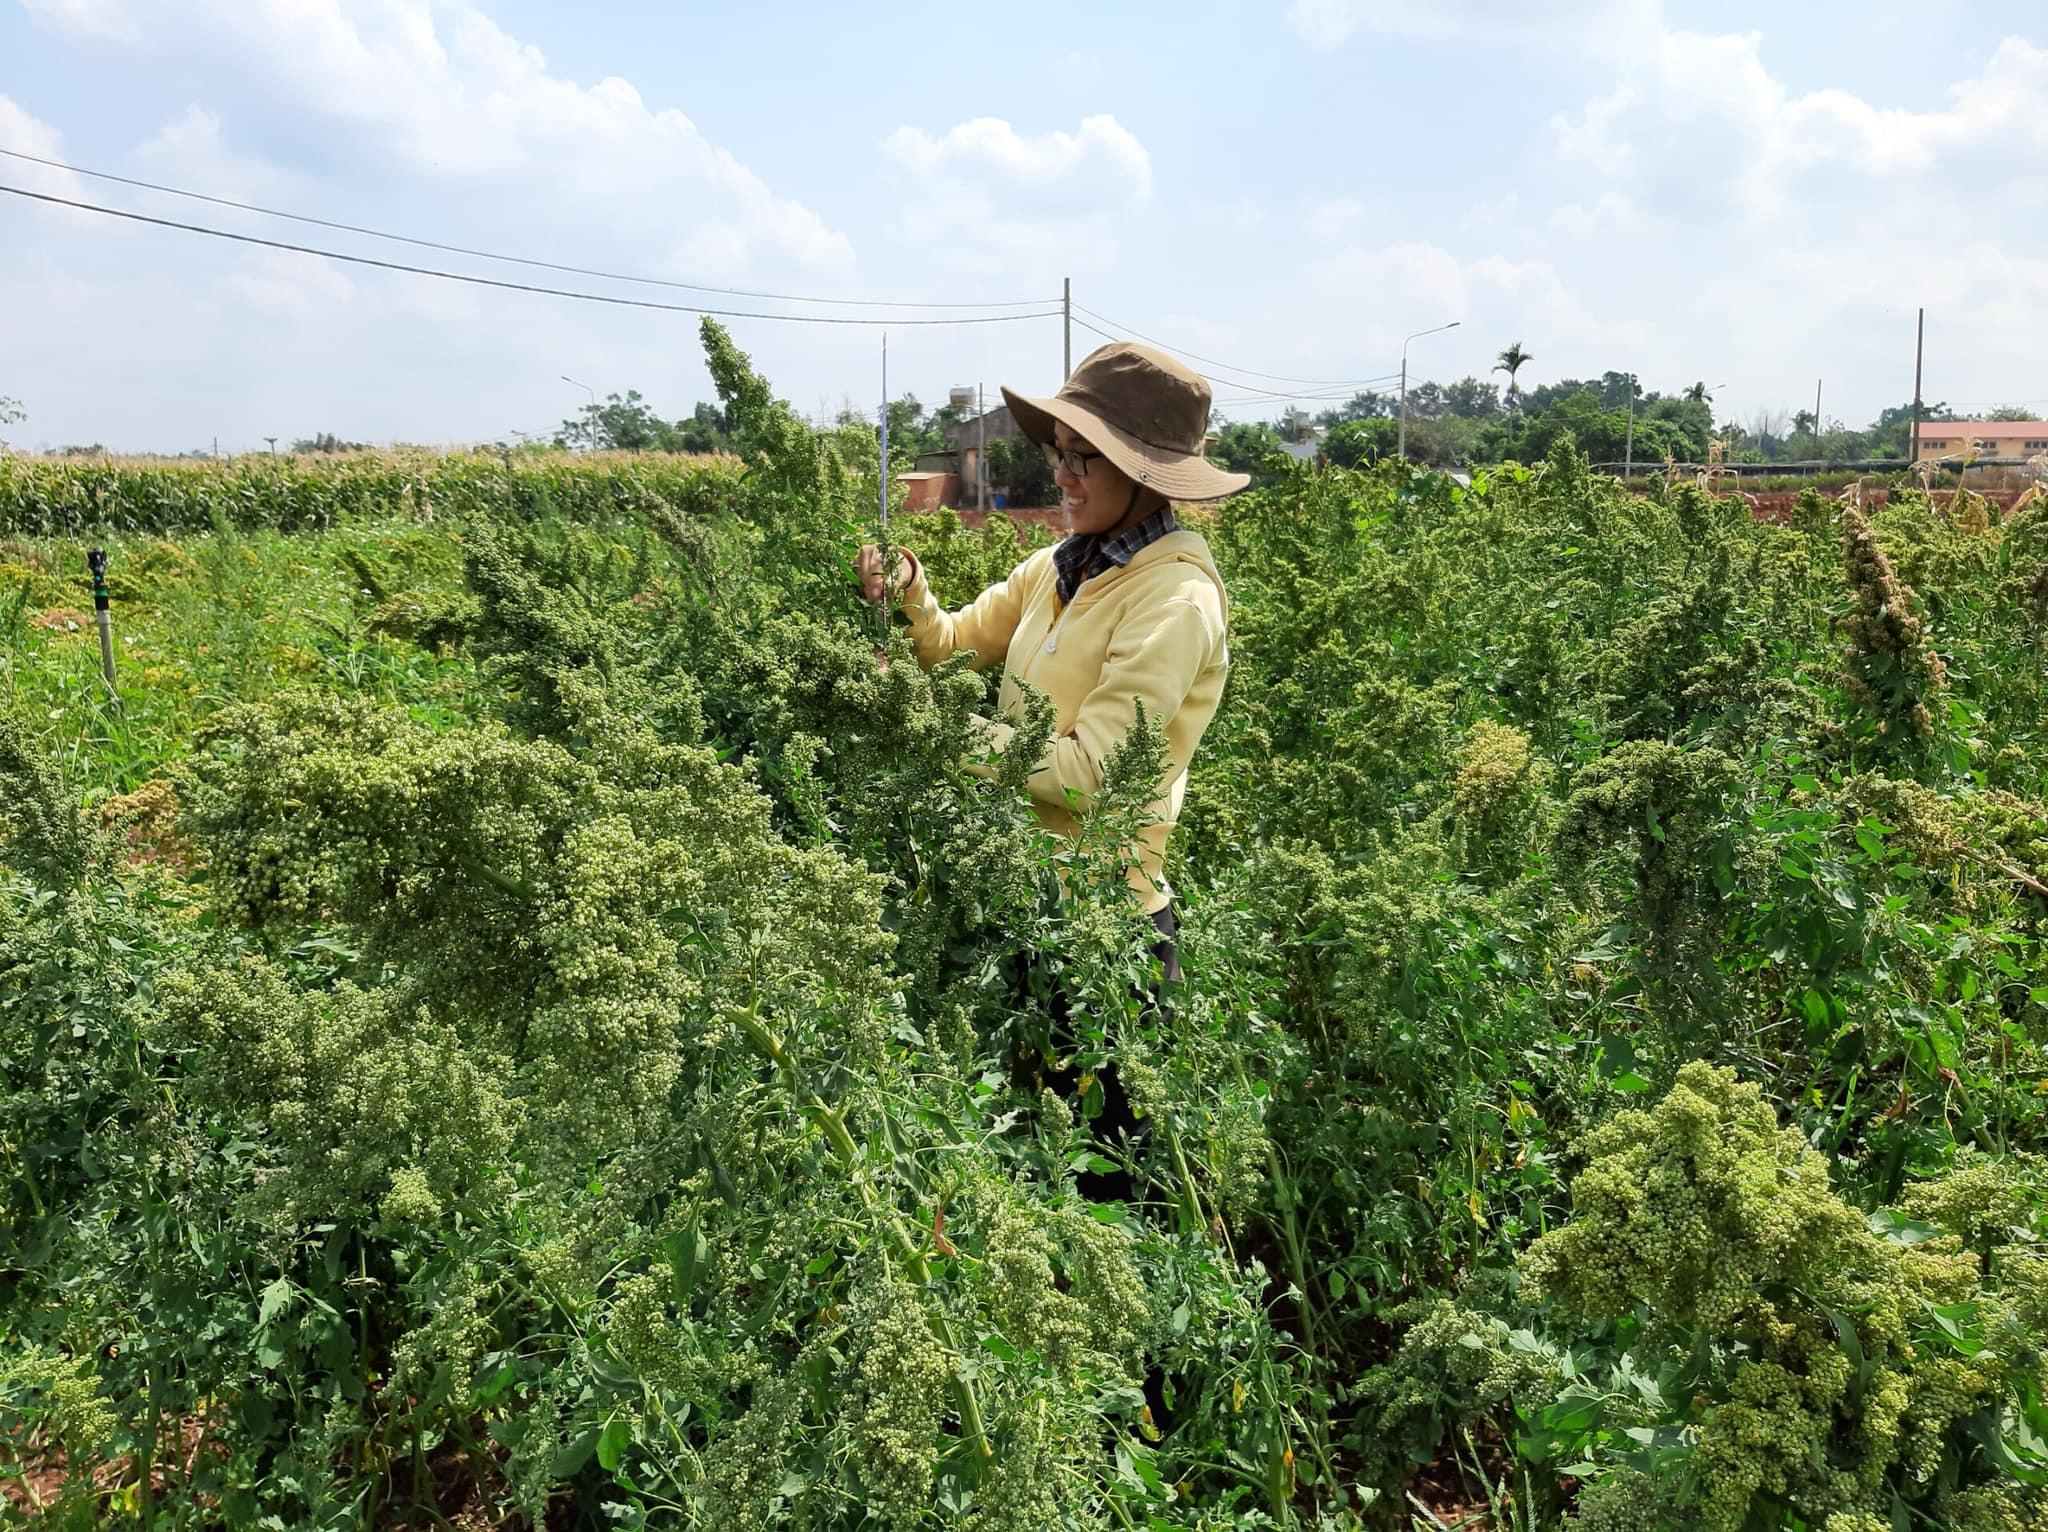 Cánh đồng diêm mạch do ĐH Tây Nguyên trồng thử nghiệm tại xã Eatu (Đắk Lắk). Ảnh: Nguyễn Văn Minh